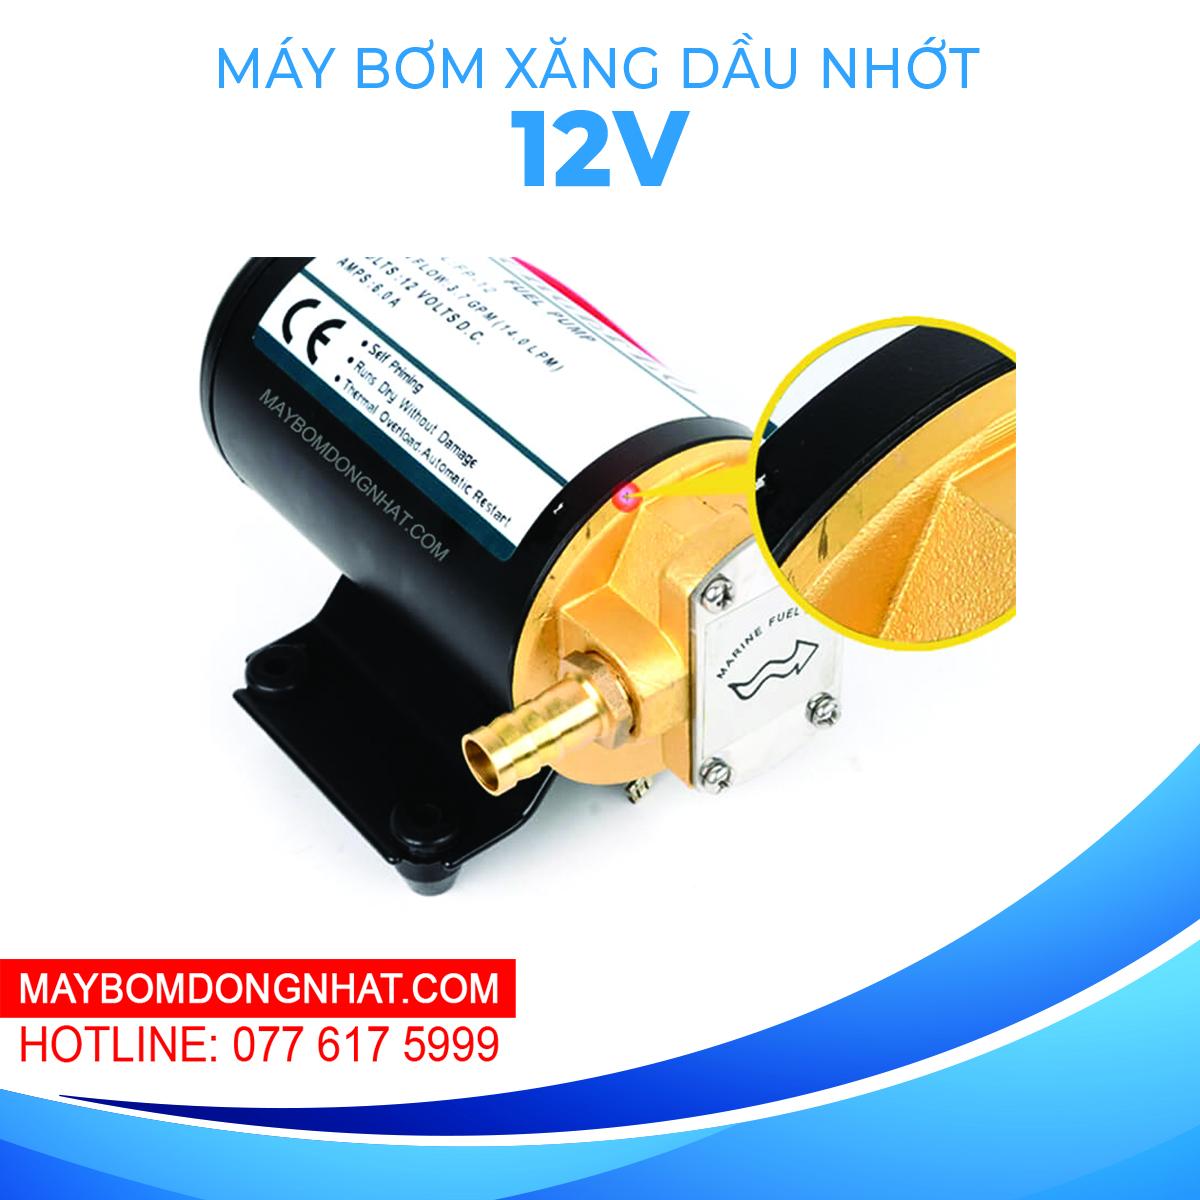 2.may-bom-xang-day-nhot-12v A